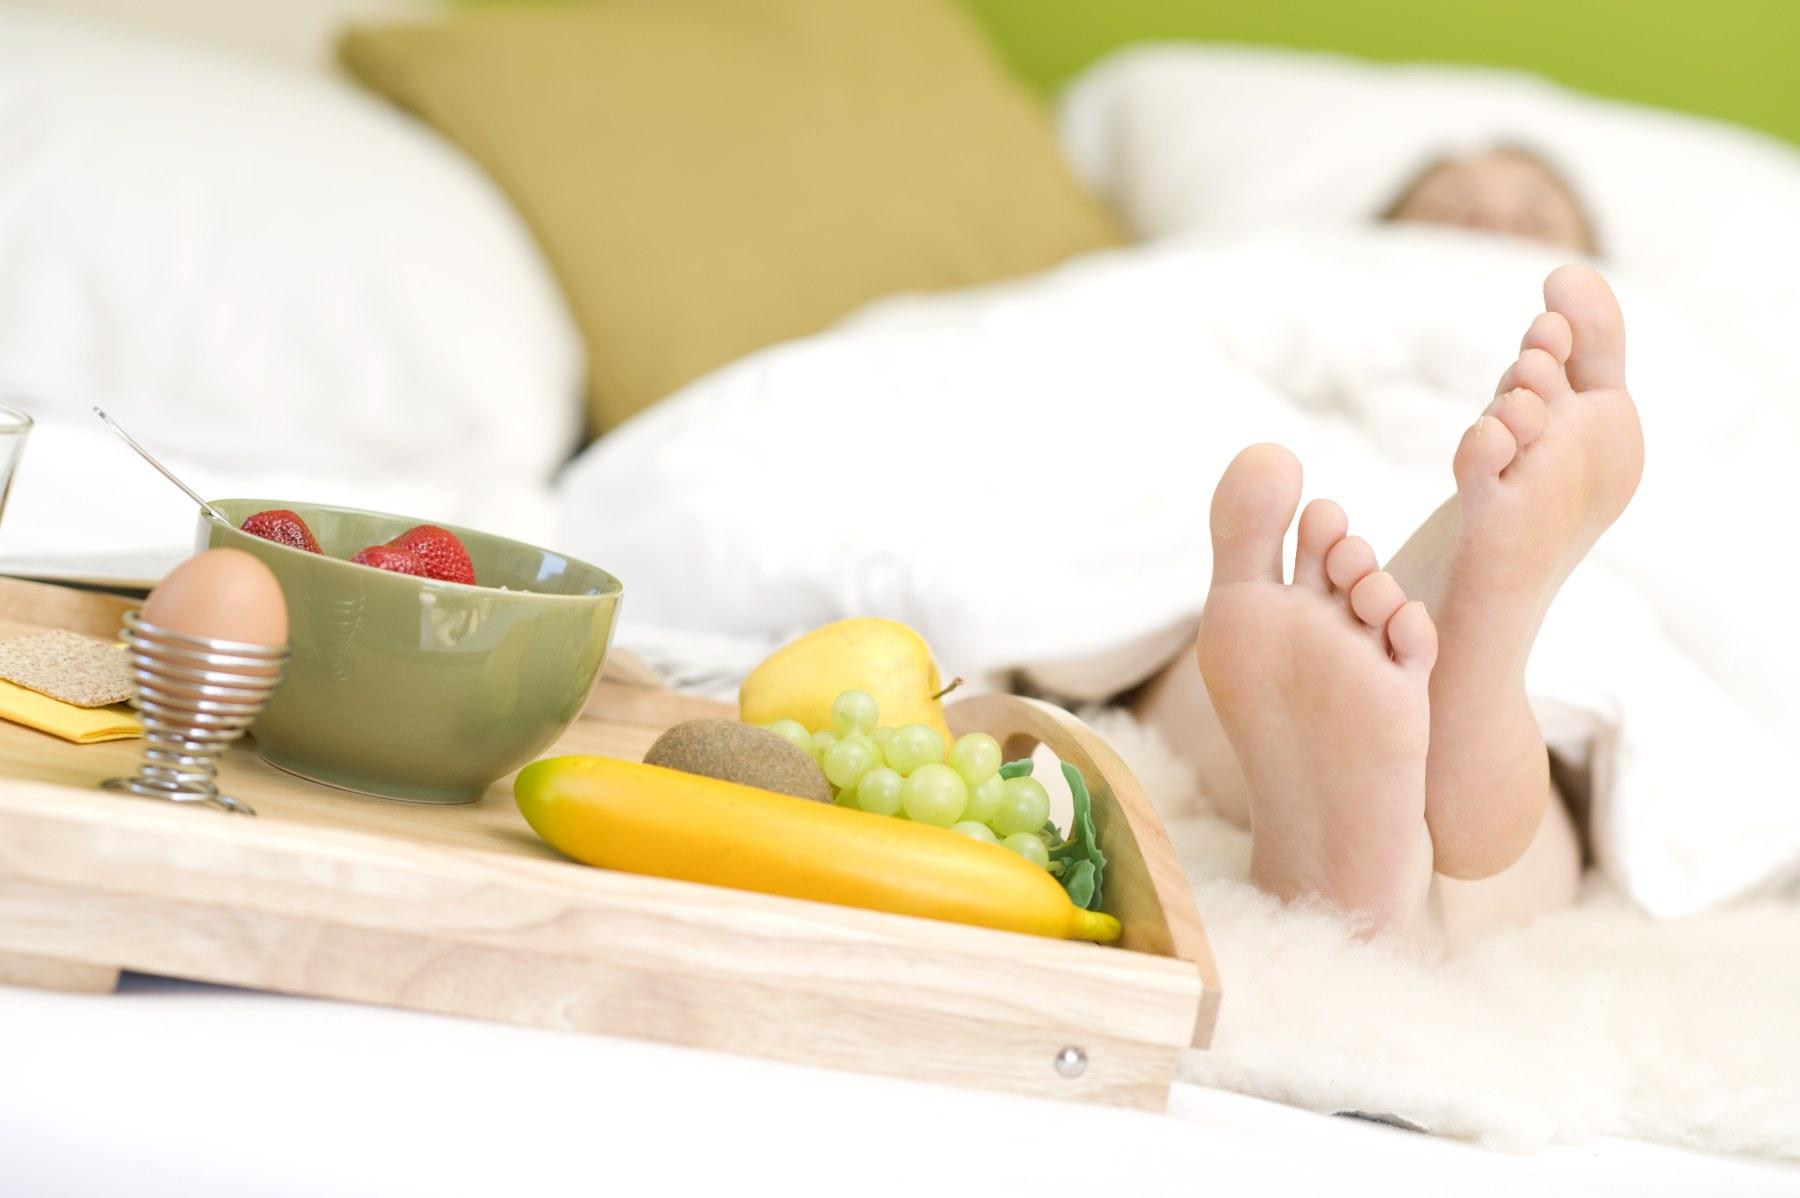 Frühstück am Bett, Zehen unter der Bettdecke - breakfast in bed